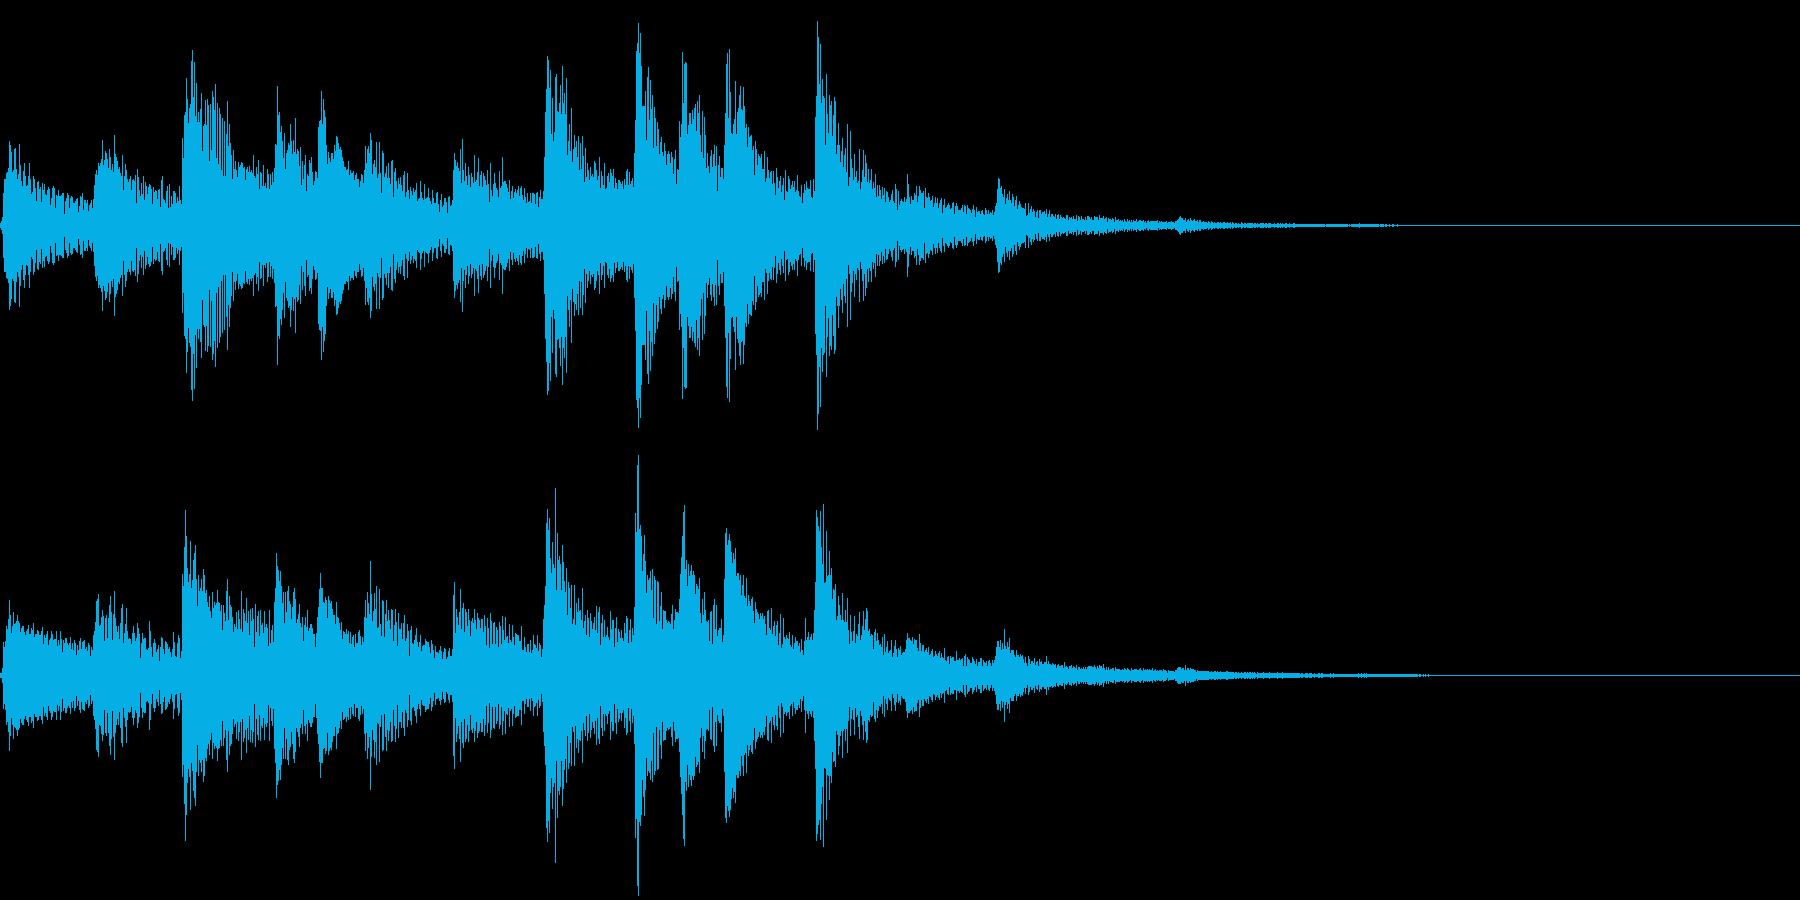 琴の和風ジングル4の再生済みの波形